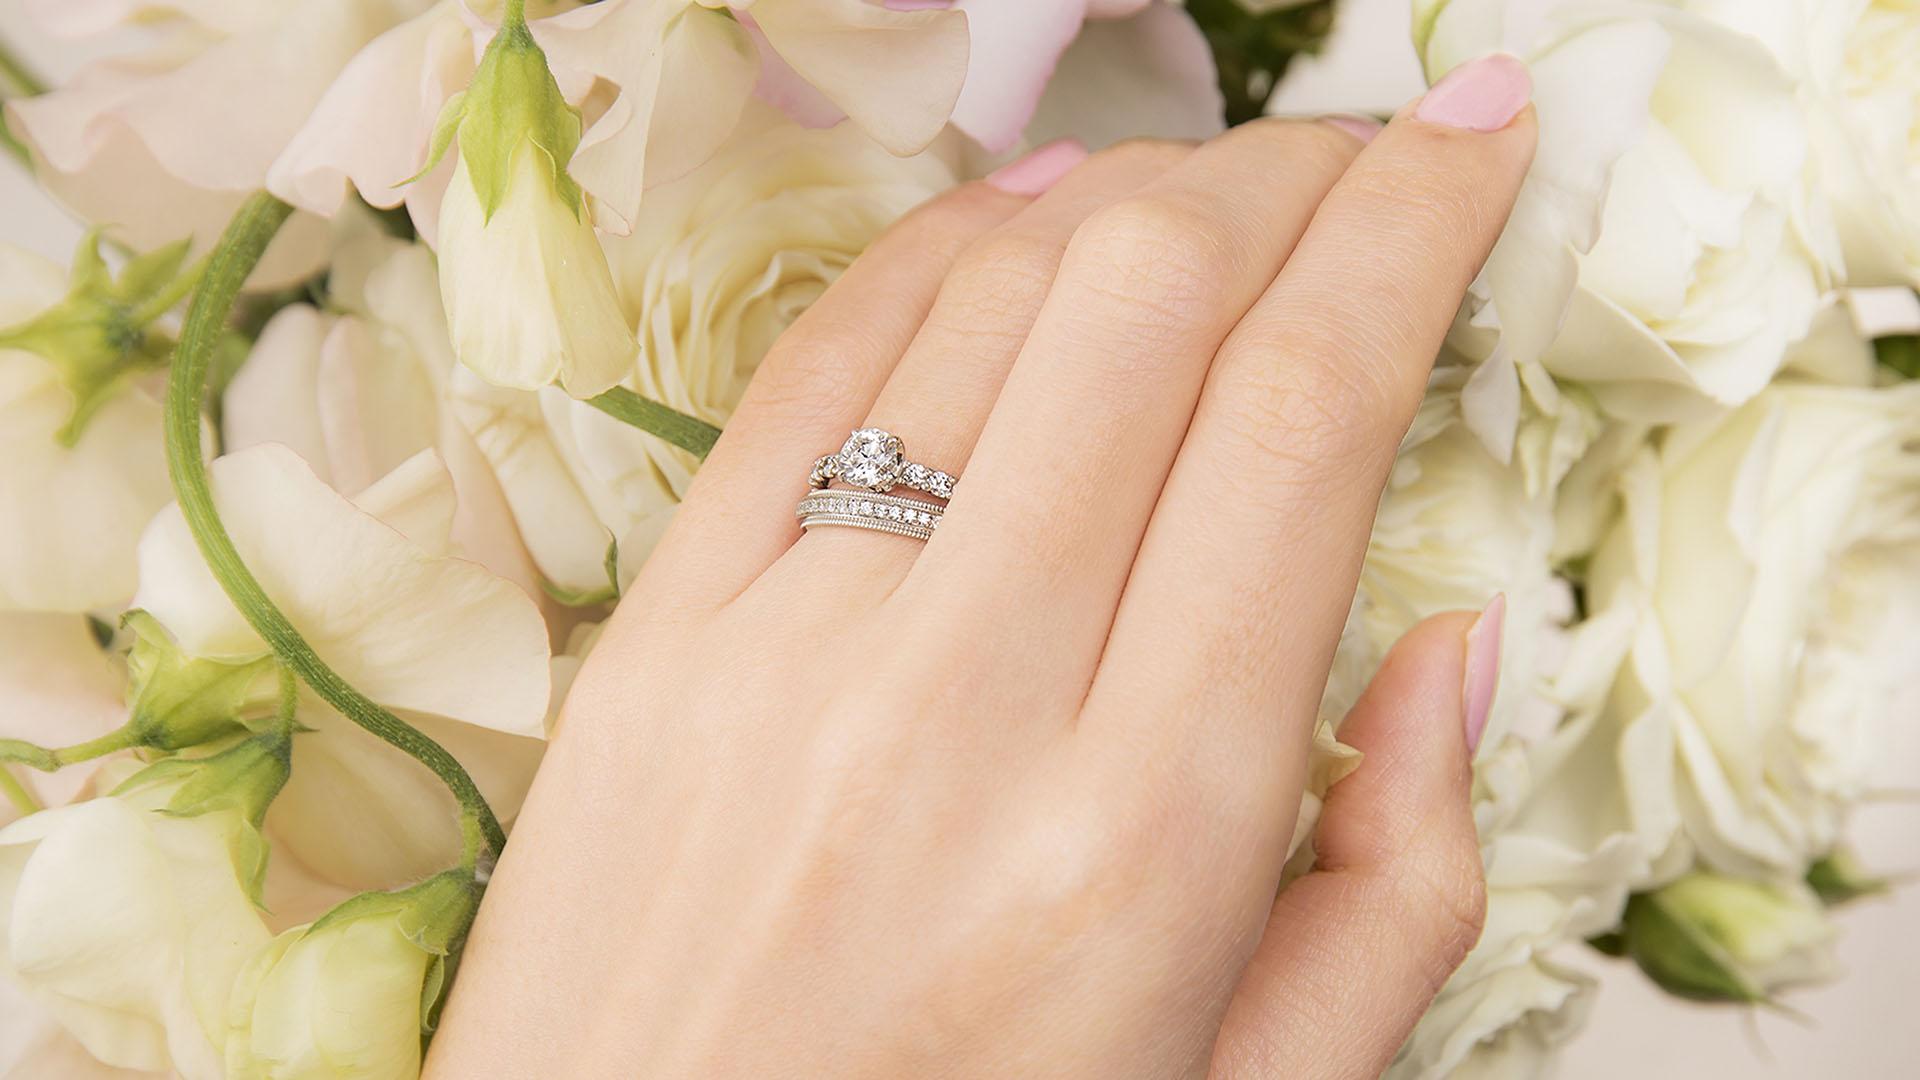 frey DR20 フレイ DR20 | 結婚指輪サムネイル 3